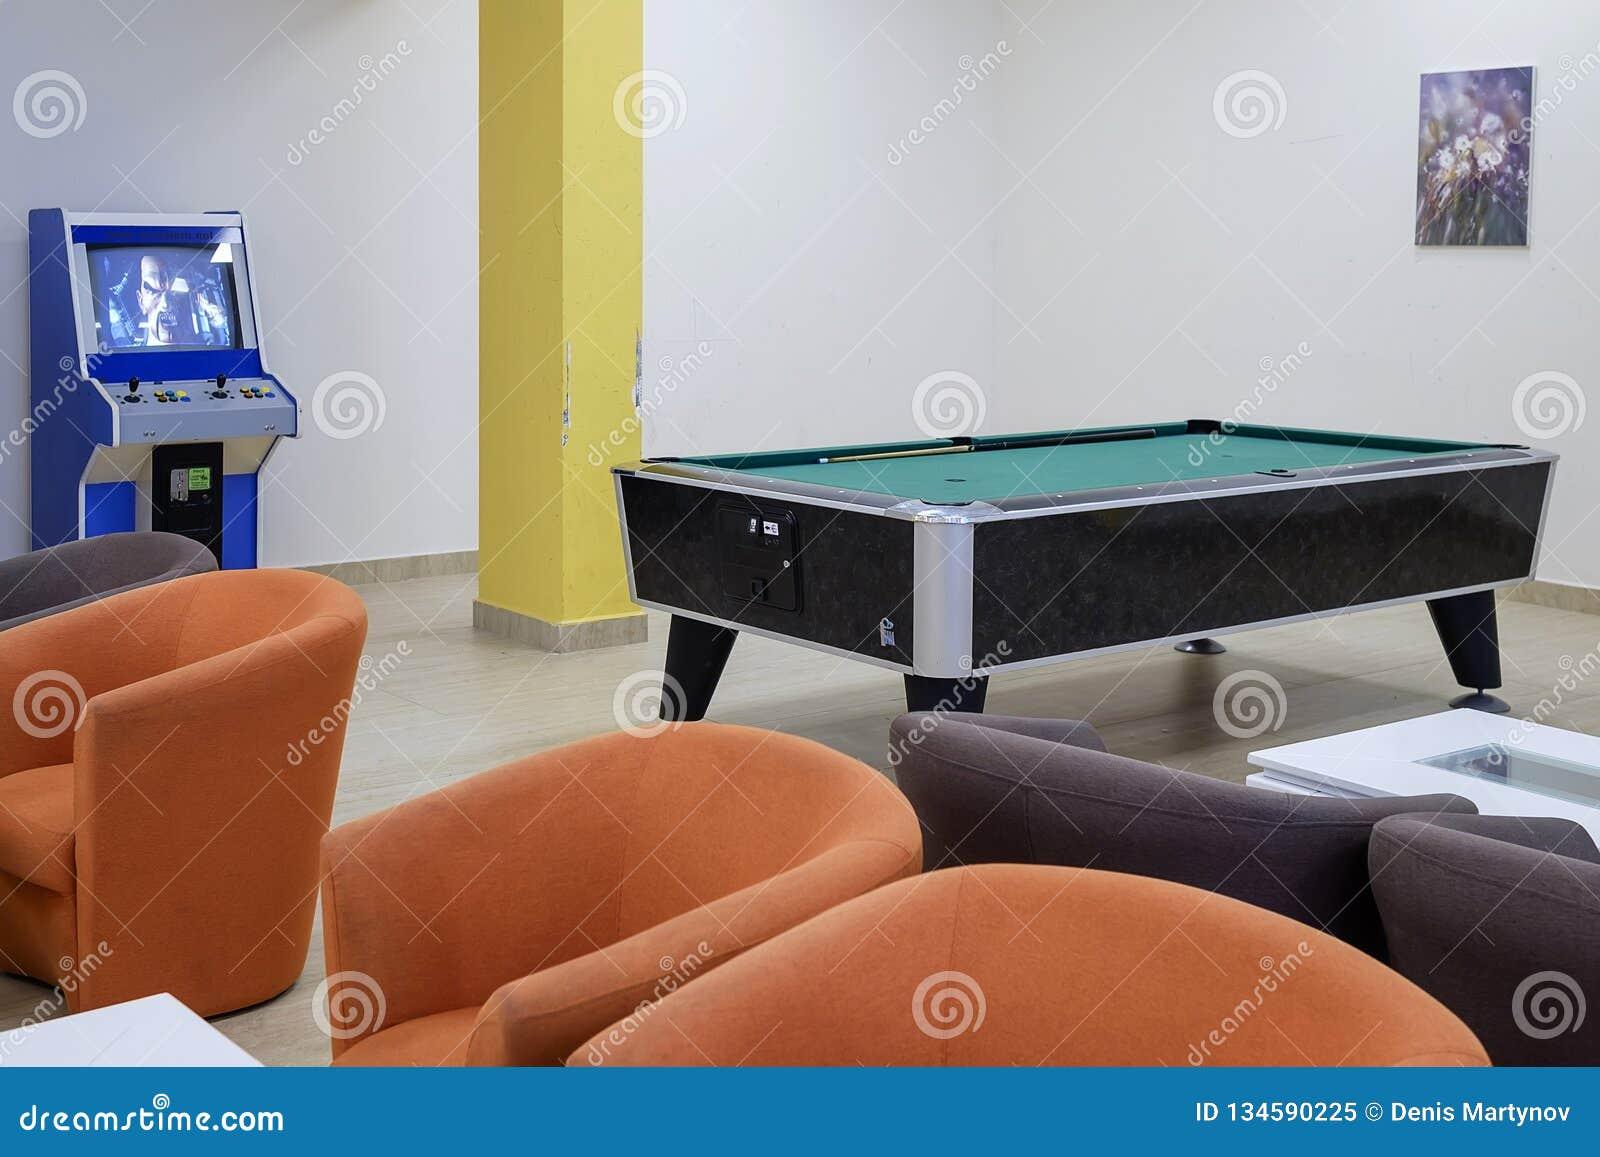 Stół dla billiards w hotelu lobby 1